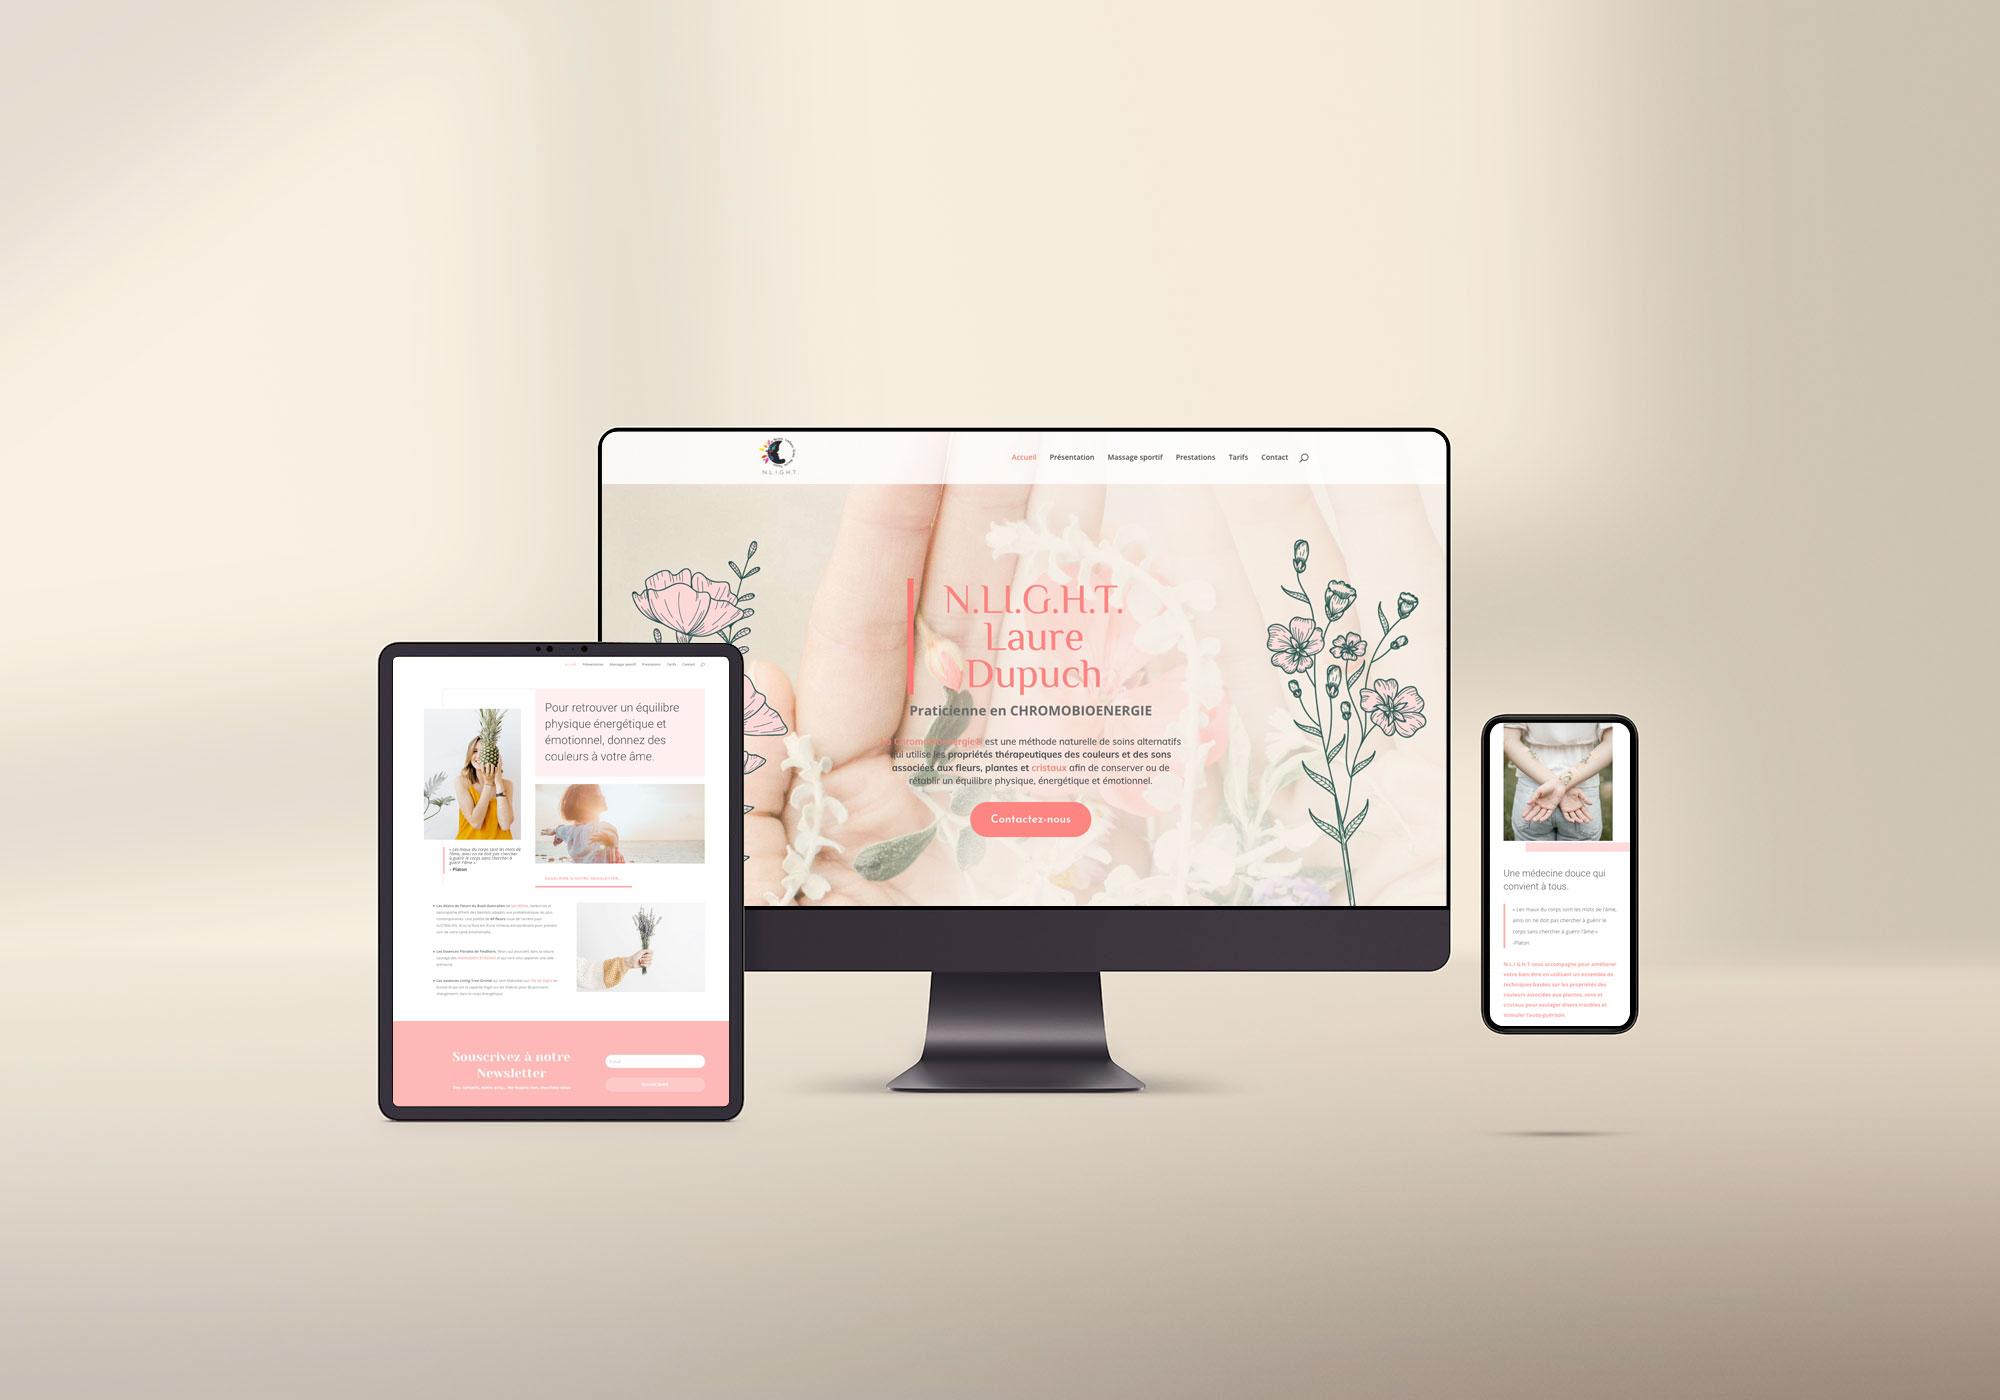 siteweb-holitiste-nlight-lauredupuch-pessac-medecinealternative-creationdesiteweb